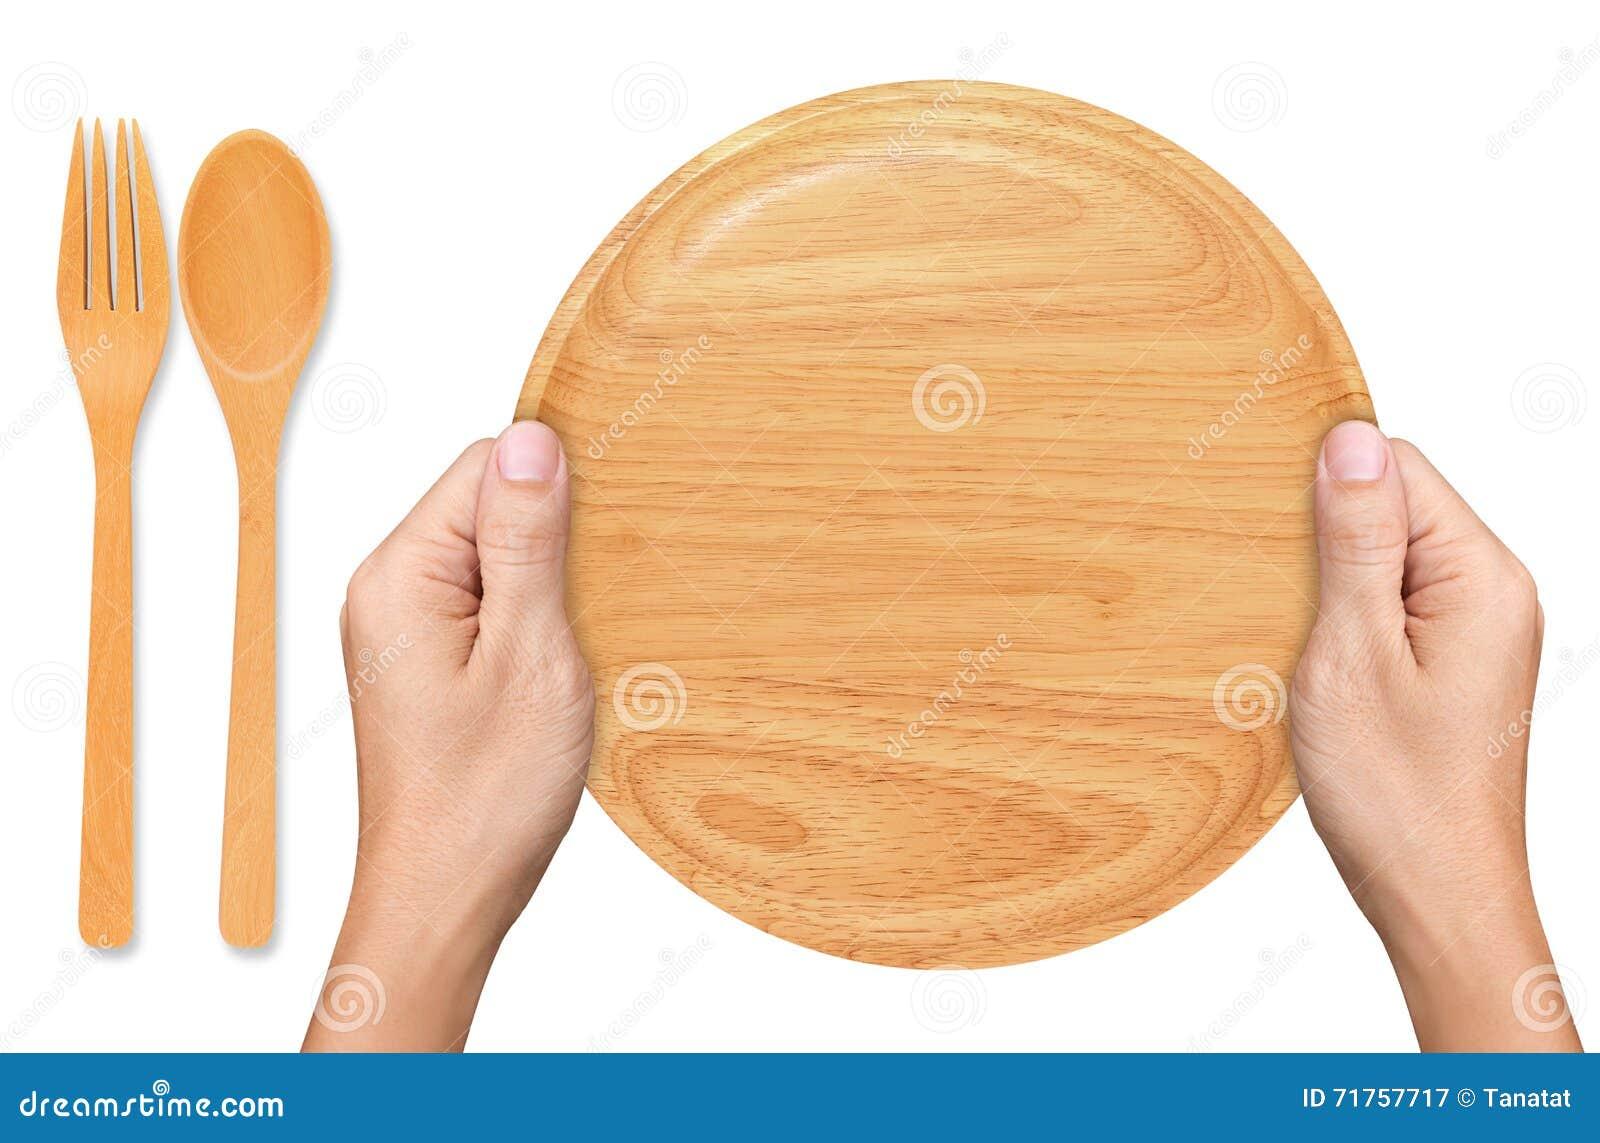 Τα χέρια κρατούν το κενό ξύλινο πιάτο στο λευκό